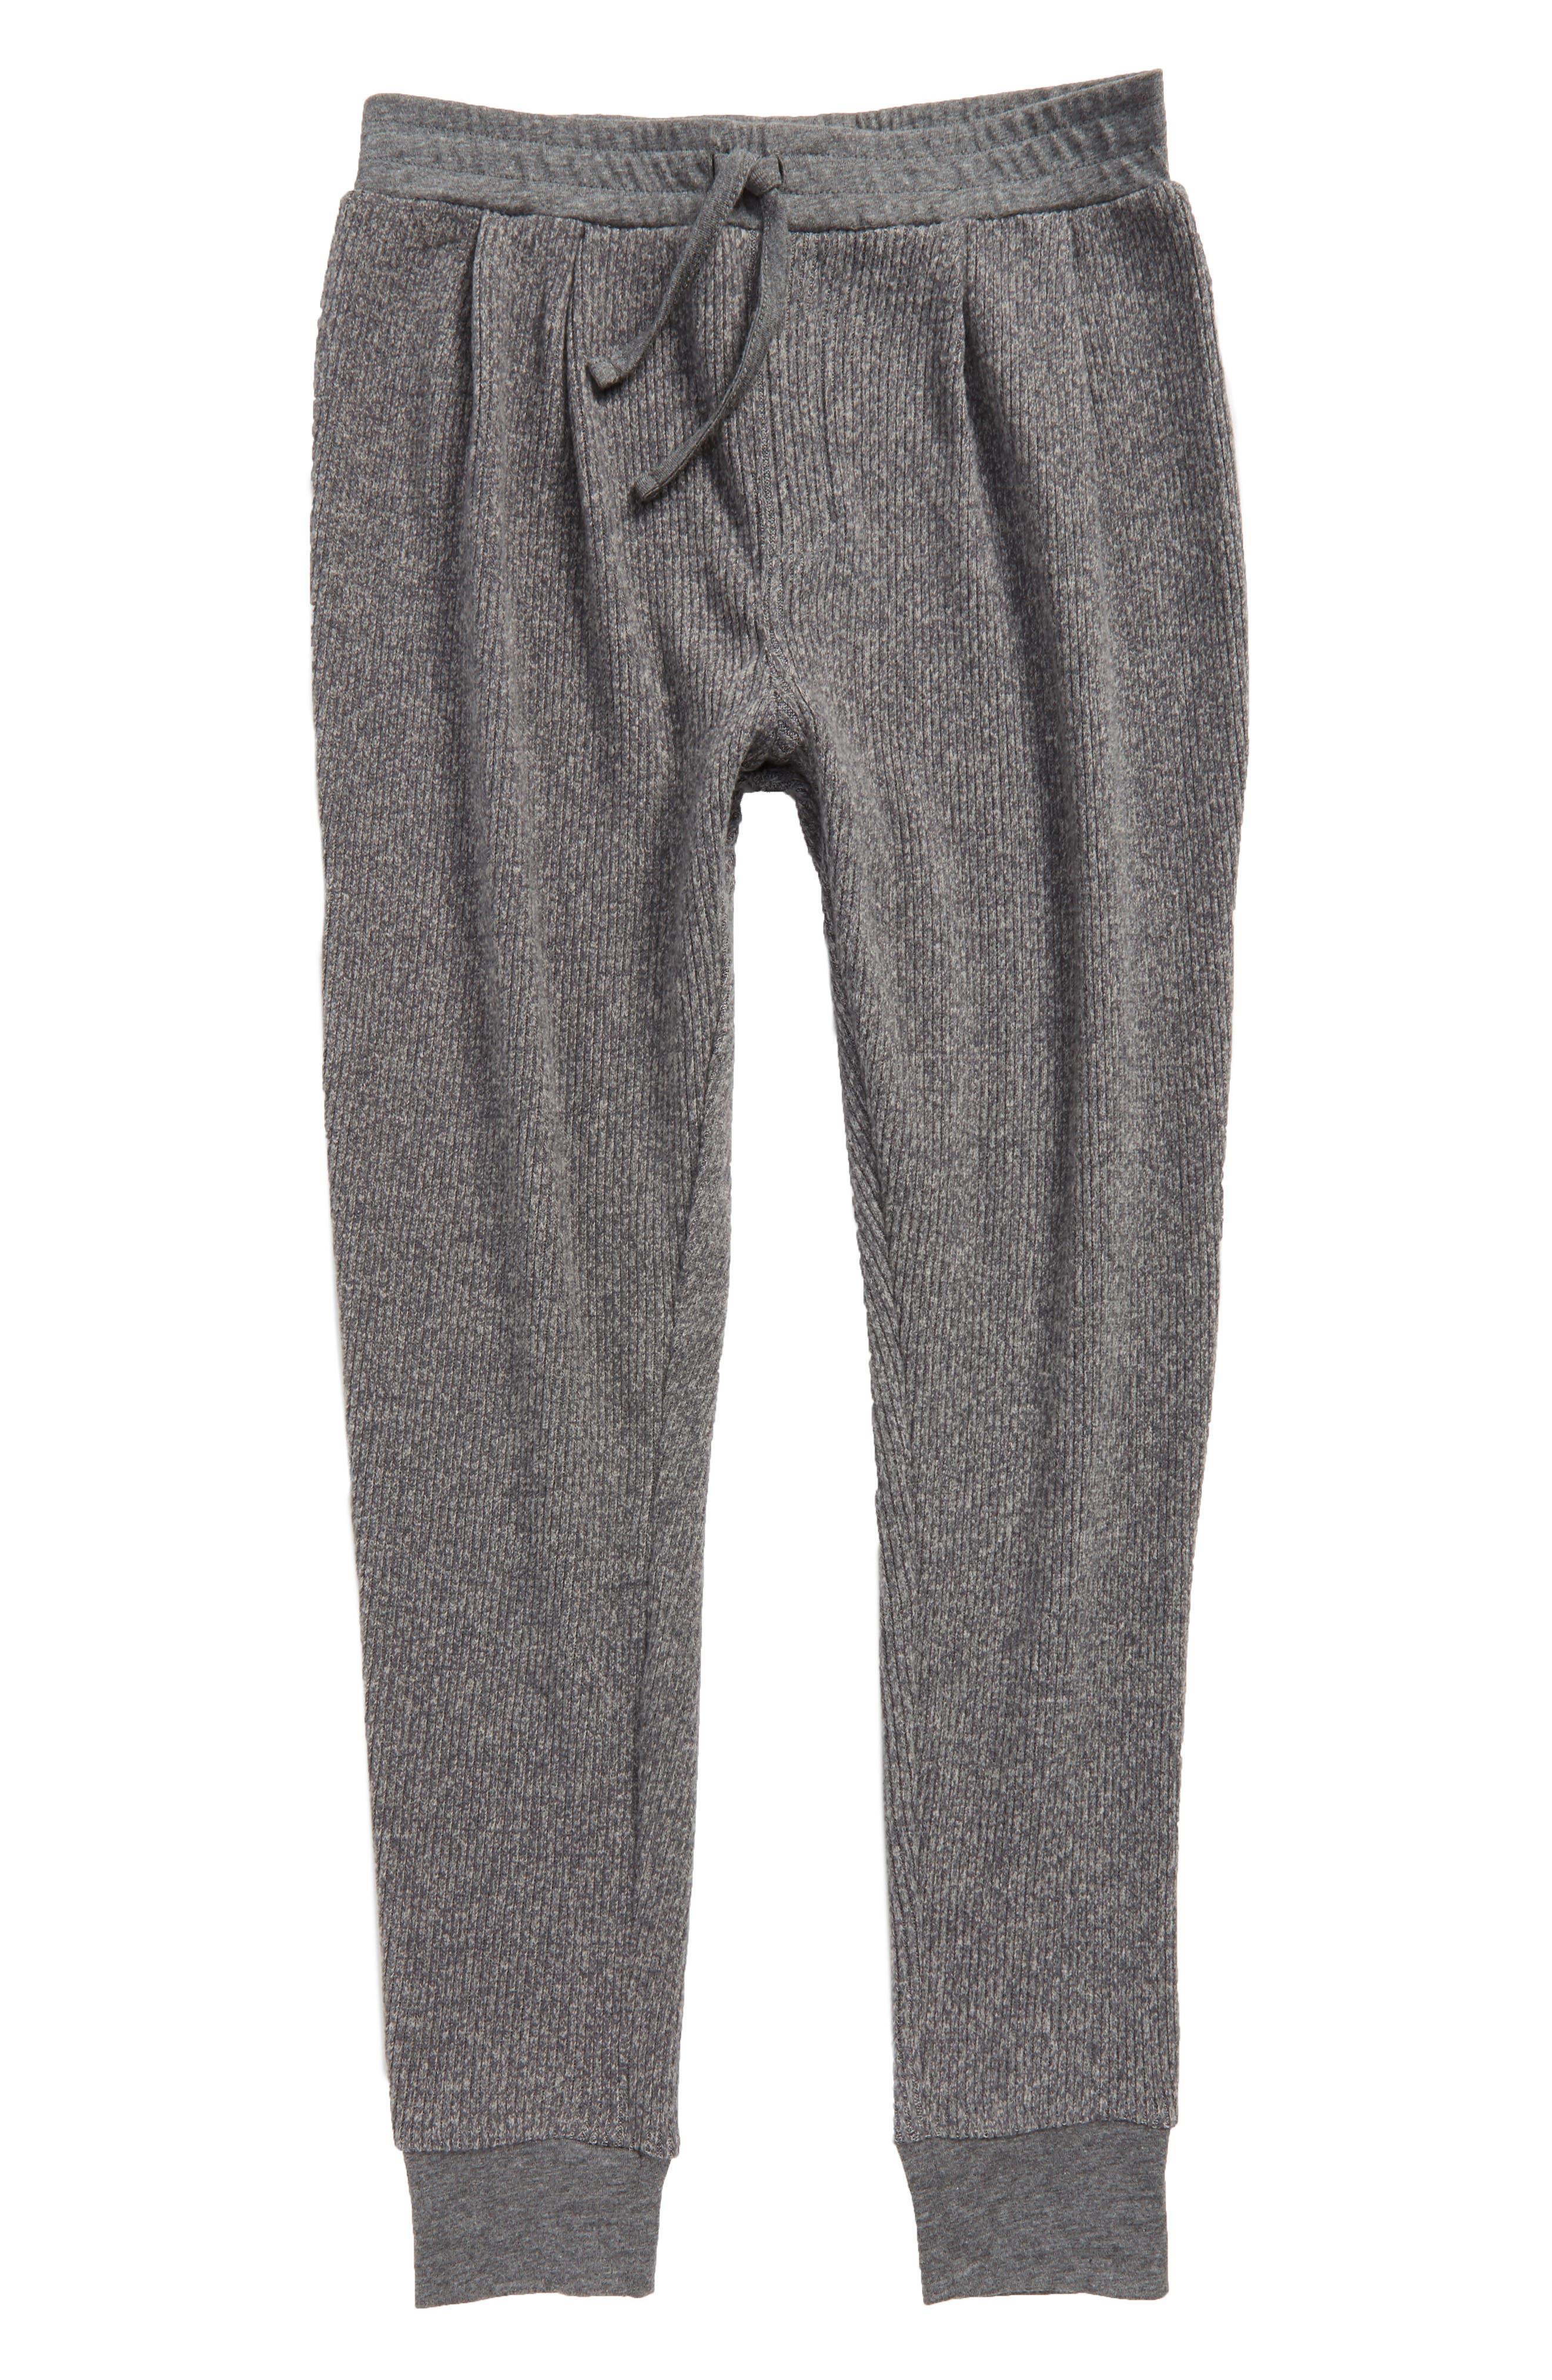 Knit Jogger Pants,                             Main thumbnail 1, color,                             Grey Charcoal Heather